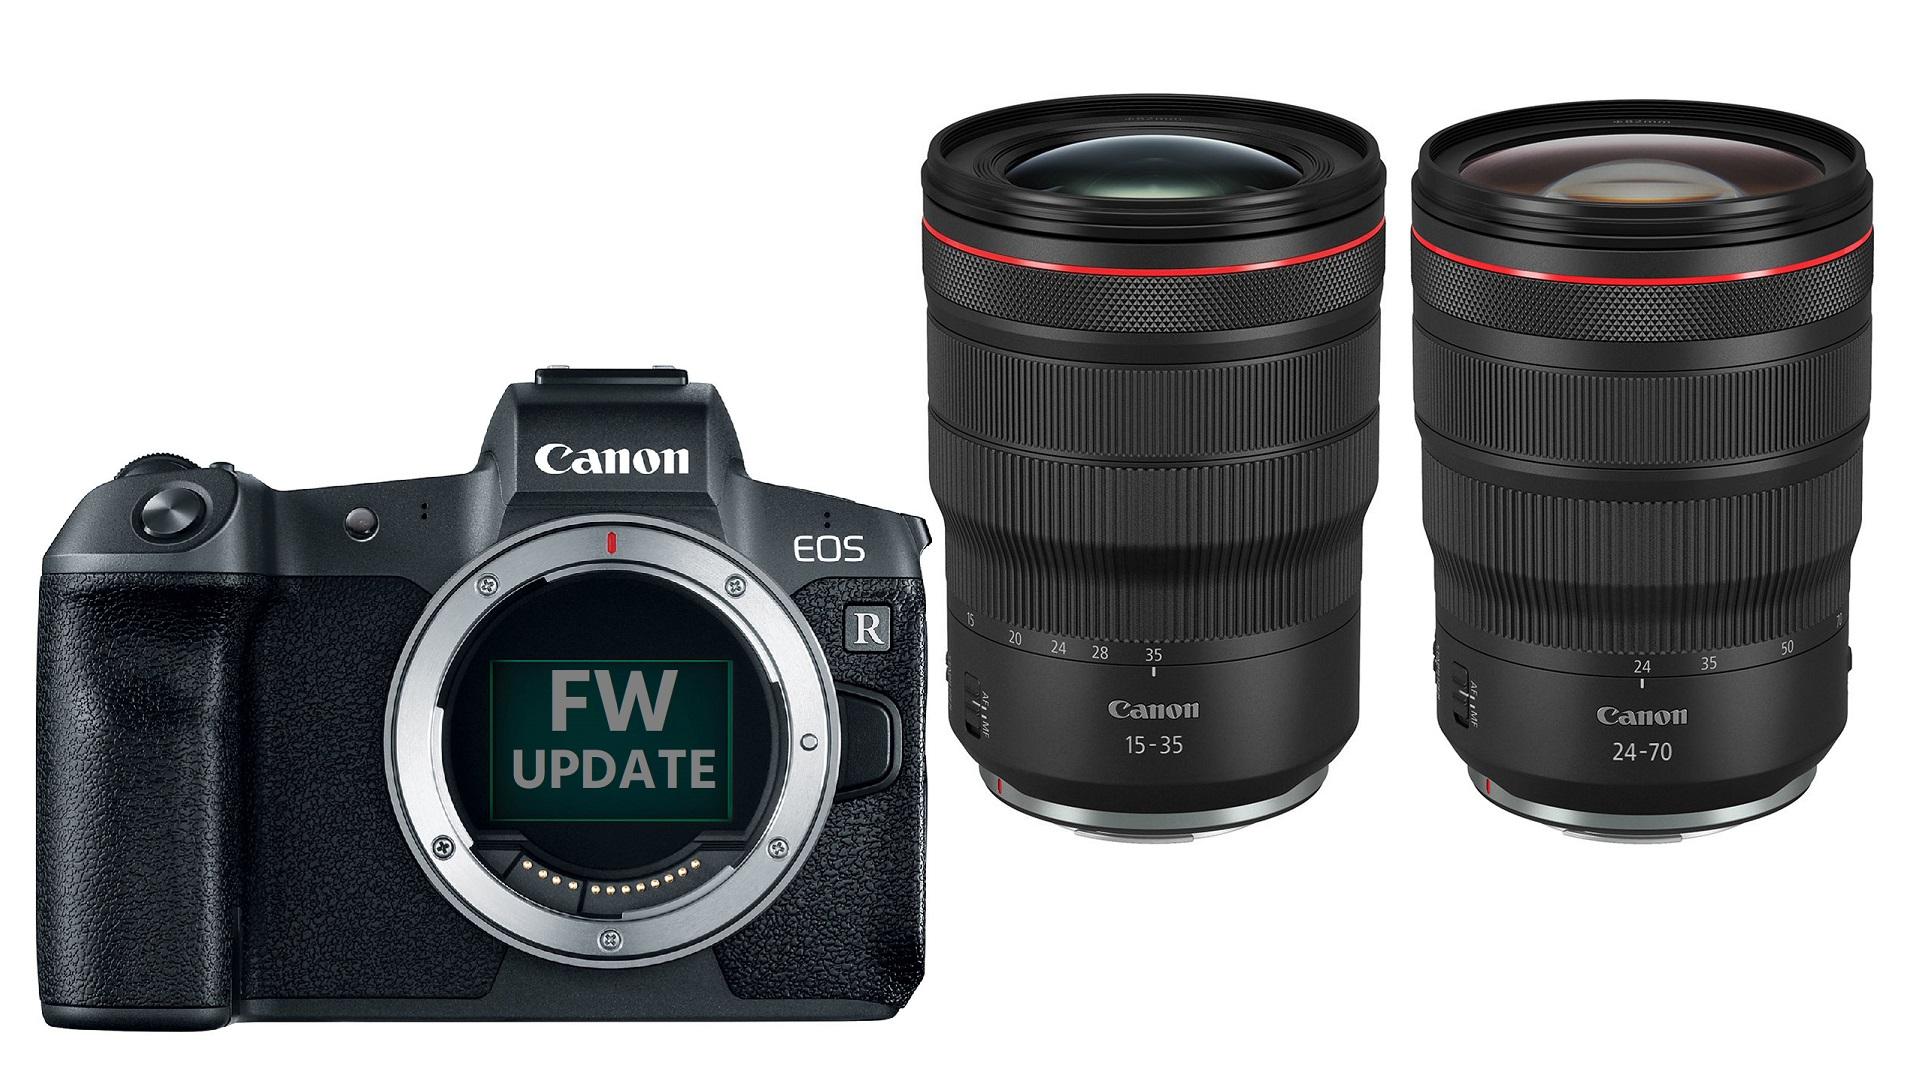 Canon anuncia los zooms RF 15-35 mm f/2.8 y 24-70 mm f/2.8 y nuevo firmware para las cámaras EOS R y EOS RP